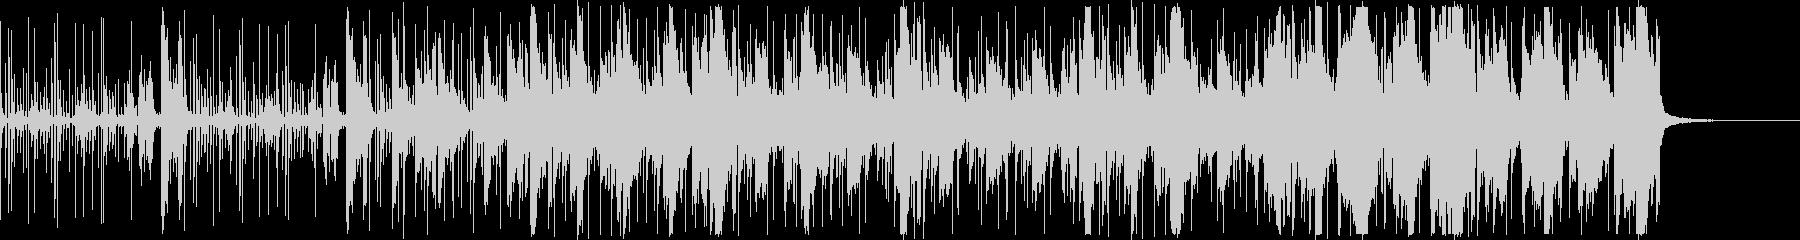 電子音・エレクトロニカ ハープ 切なげの未再生の波形